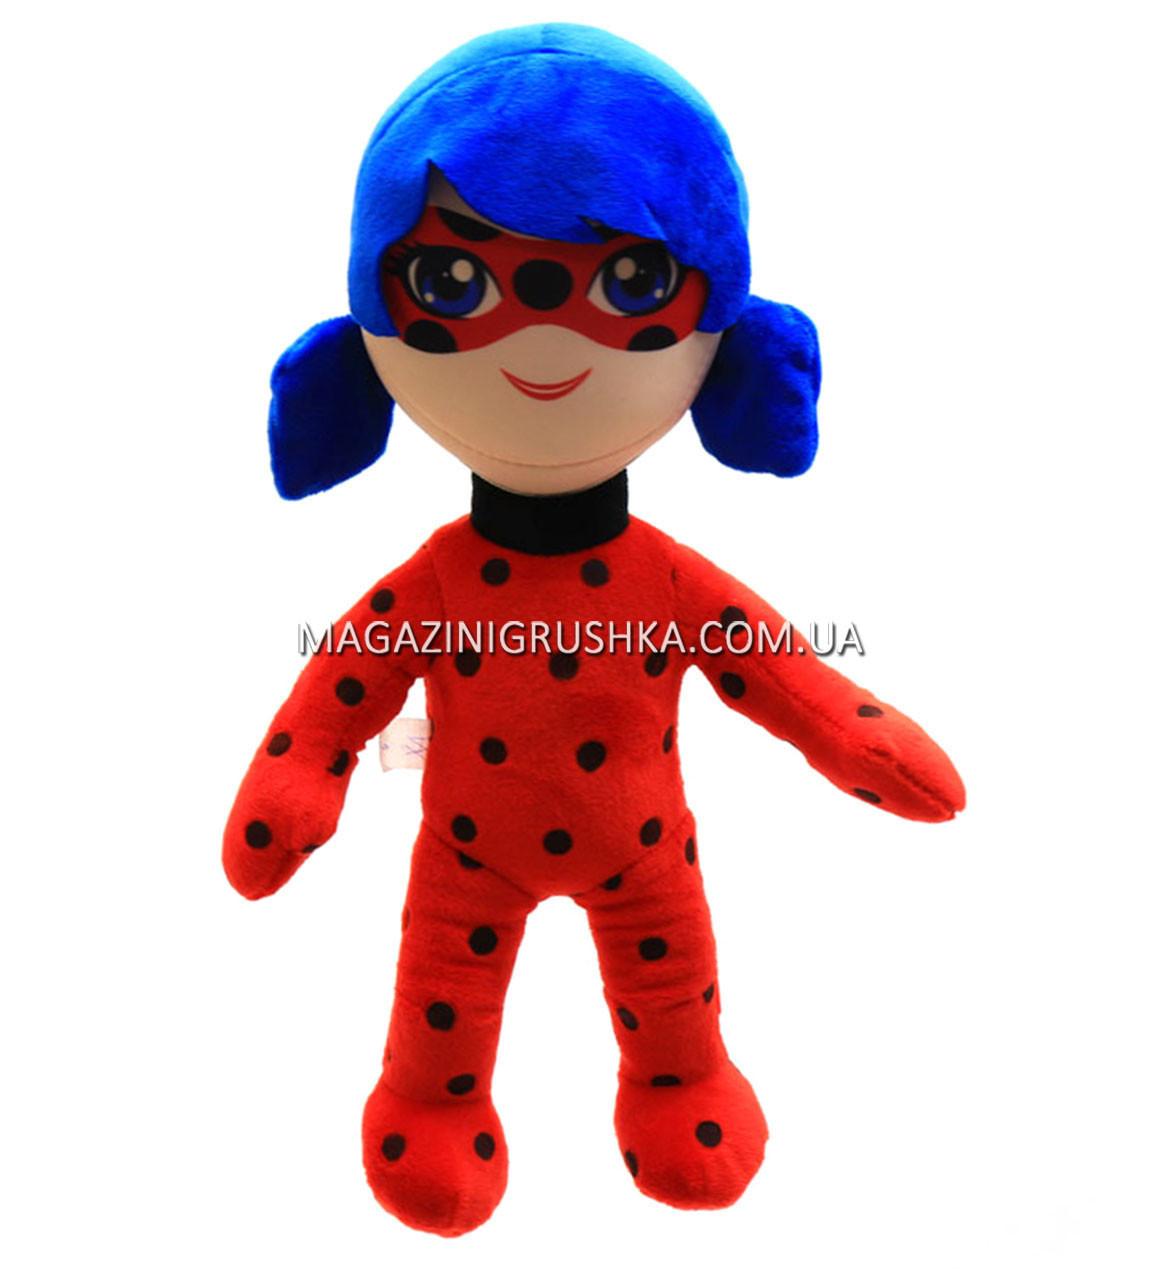 Мягкая игрушка «Леди Баг» 25076-1